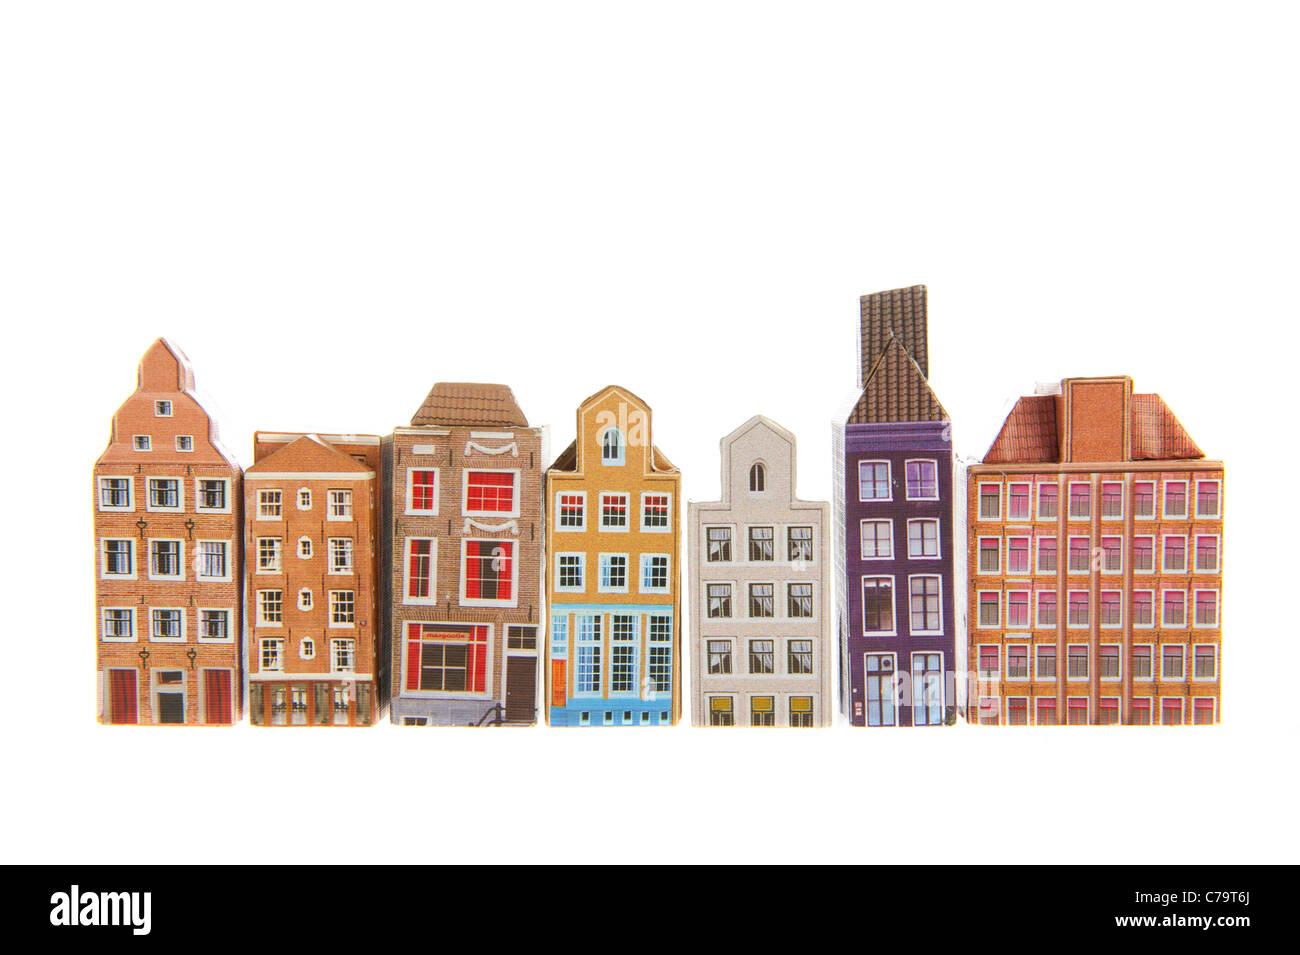 Fila casas típicas de Amsterdam aislado sobre fondo blanco. Imagen De Stock